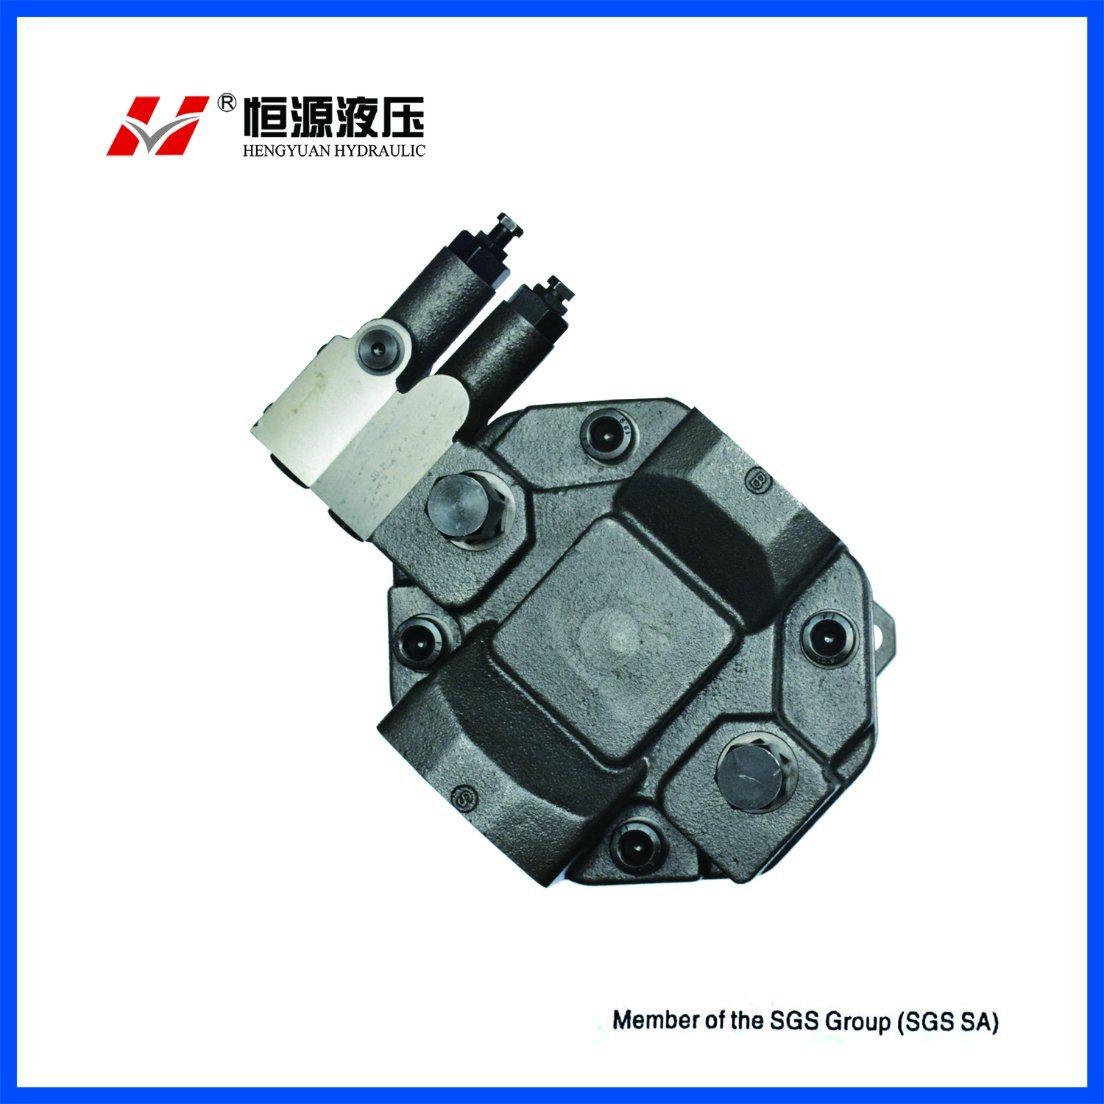 Hydraulic Pump HA10VSO18DFR/31R-PSA12N00 Hydraulic Piston Pump for Rexroth